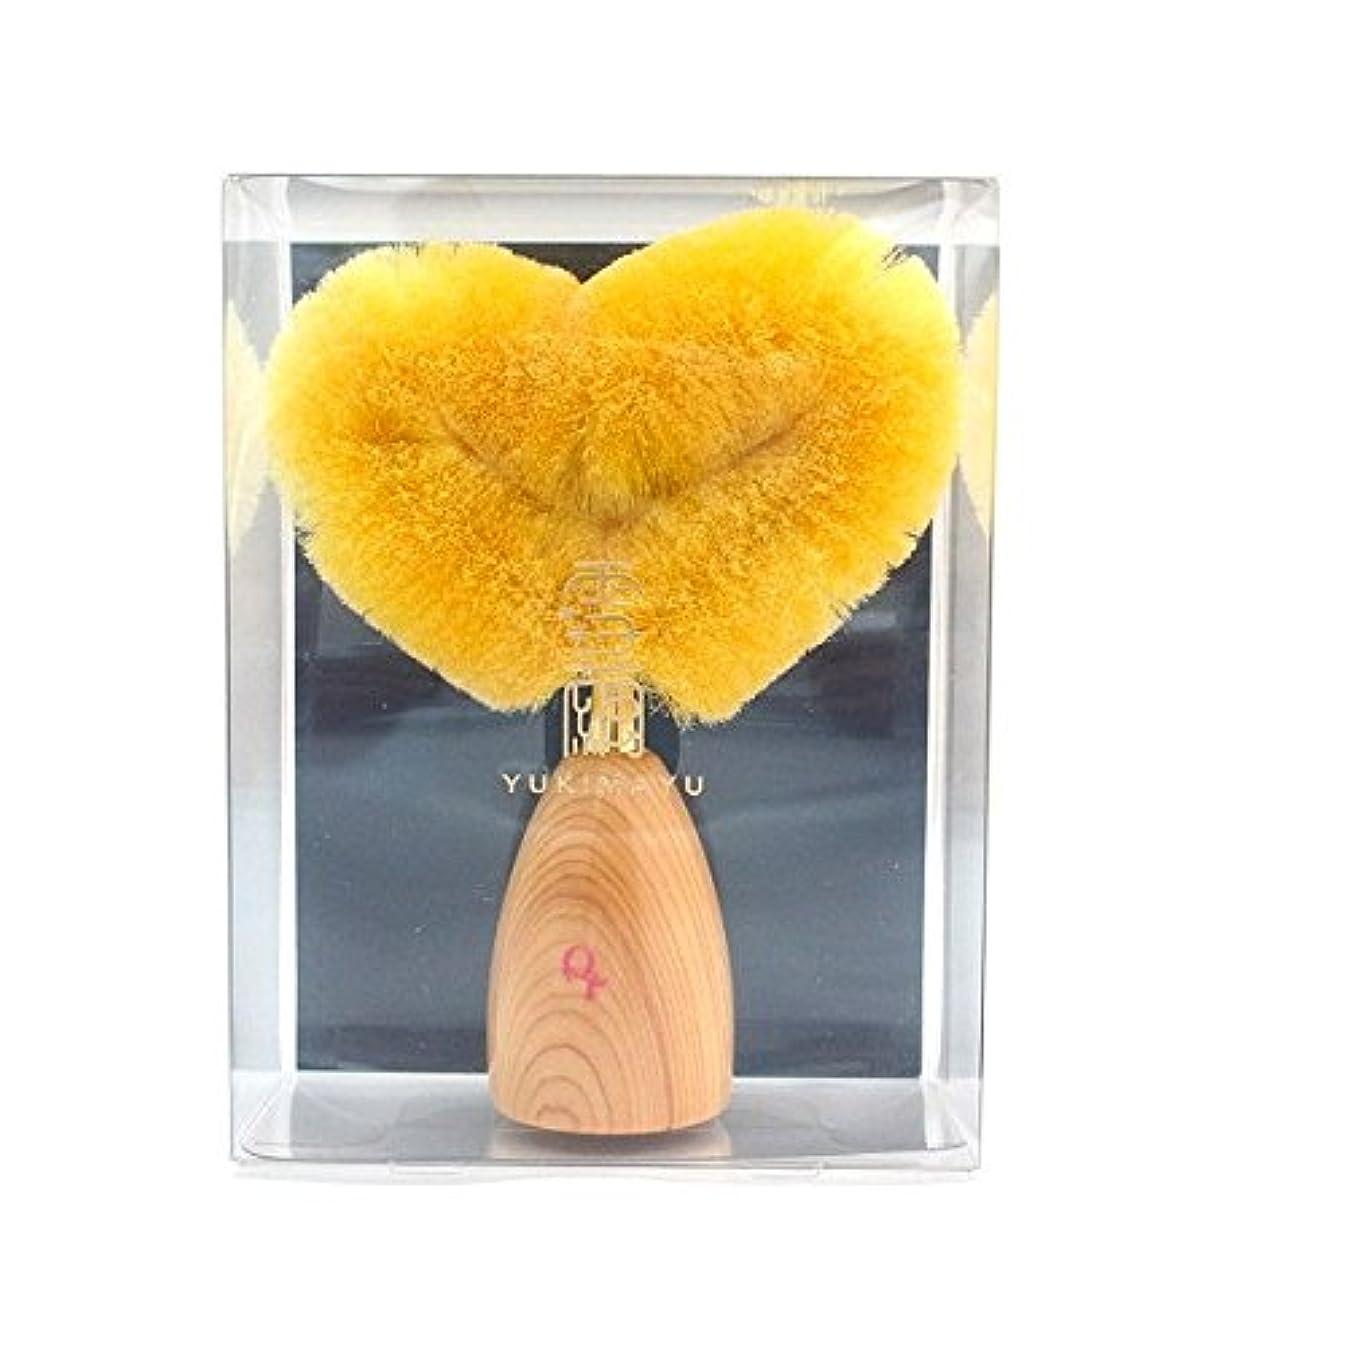 有益なプリーツ評価する雪繭洗顔ブラシ(ハート型)ウェットタイプ